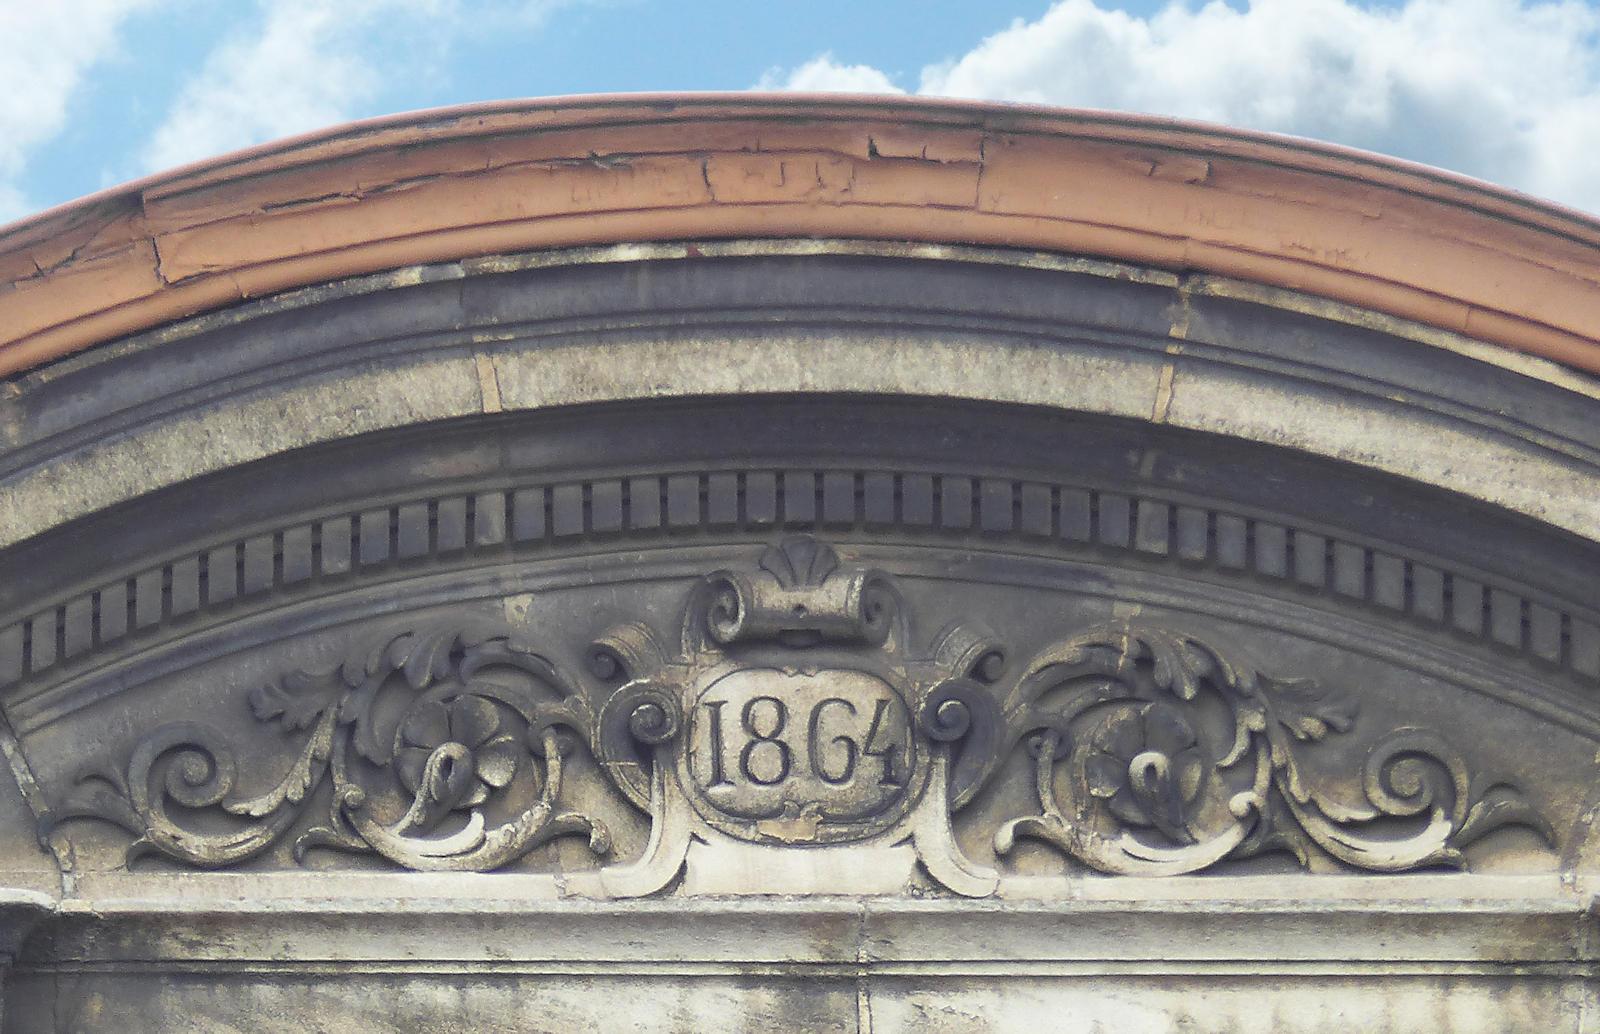 1864 - Fronton du Monastère des Bénédictines de Tourcoing.